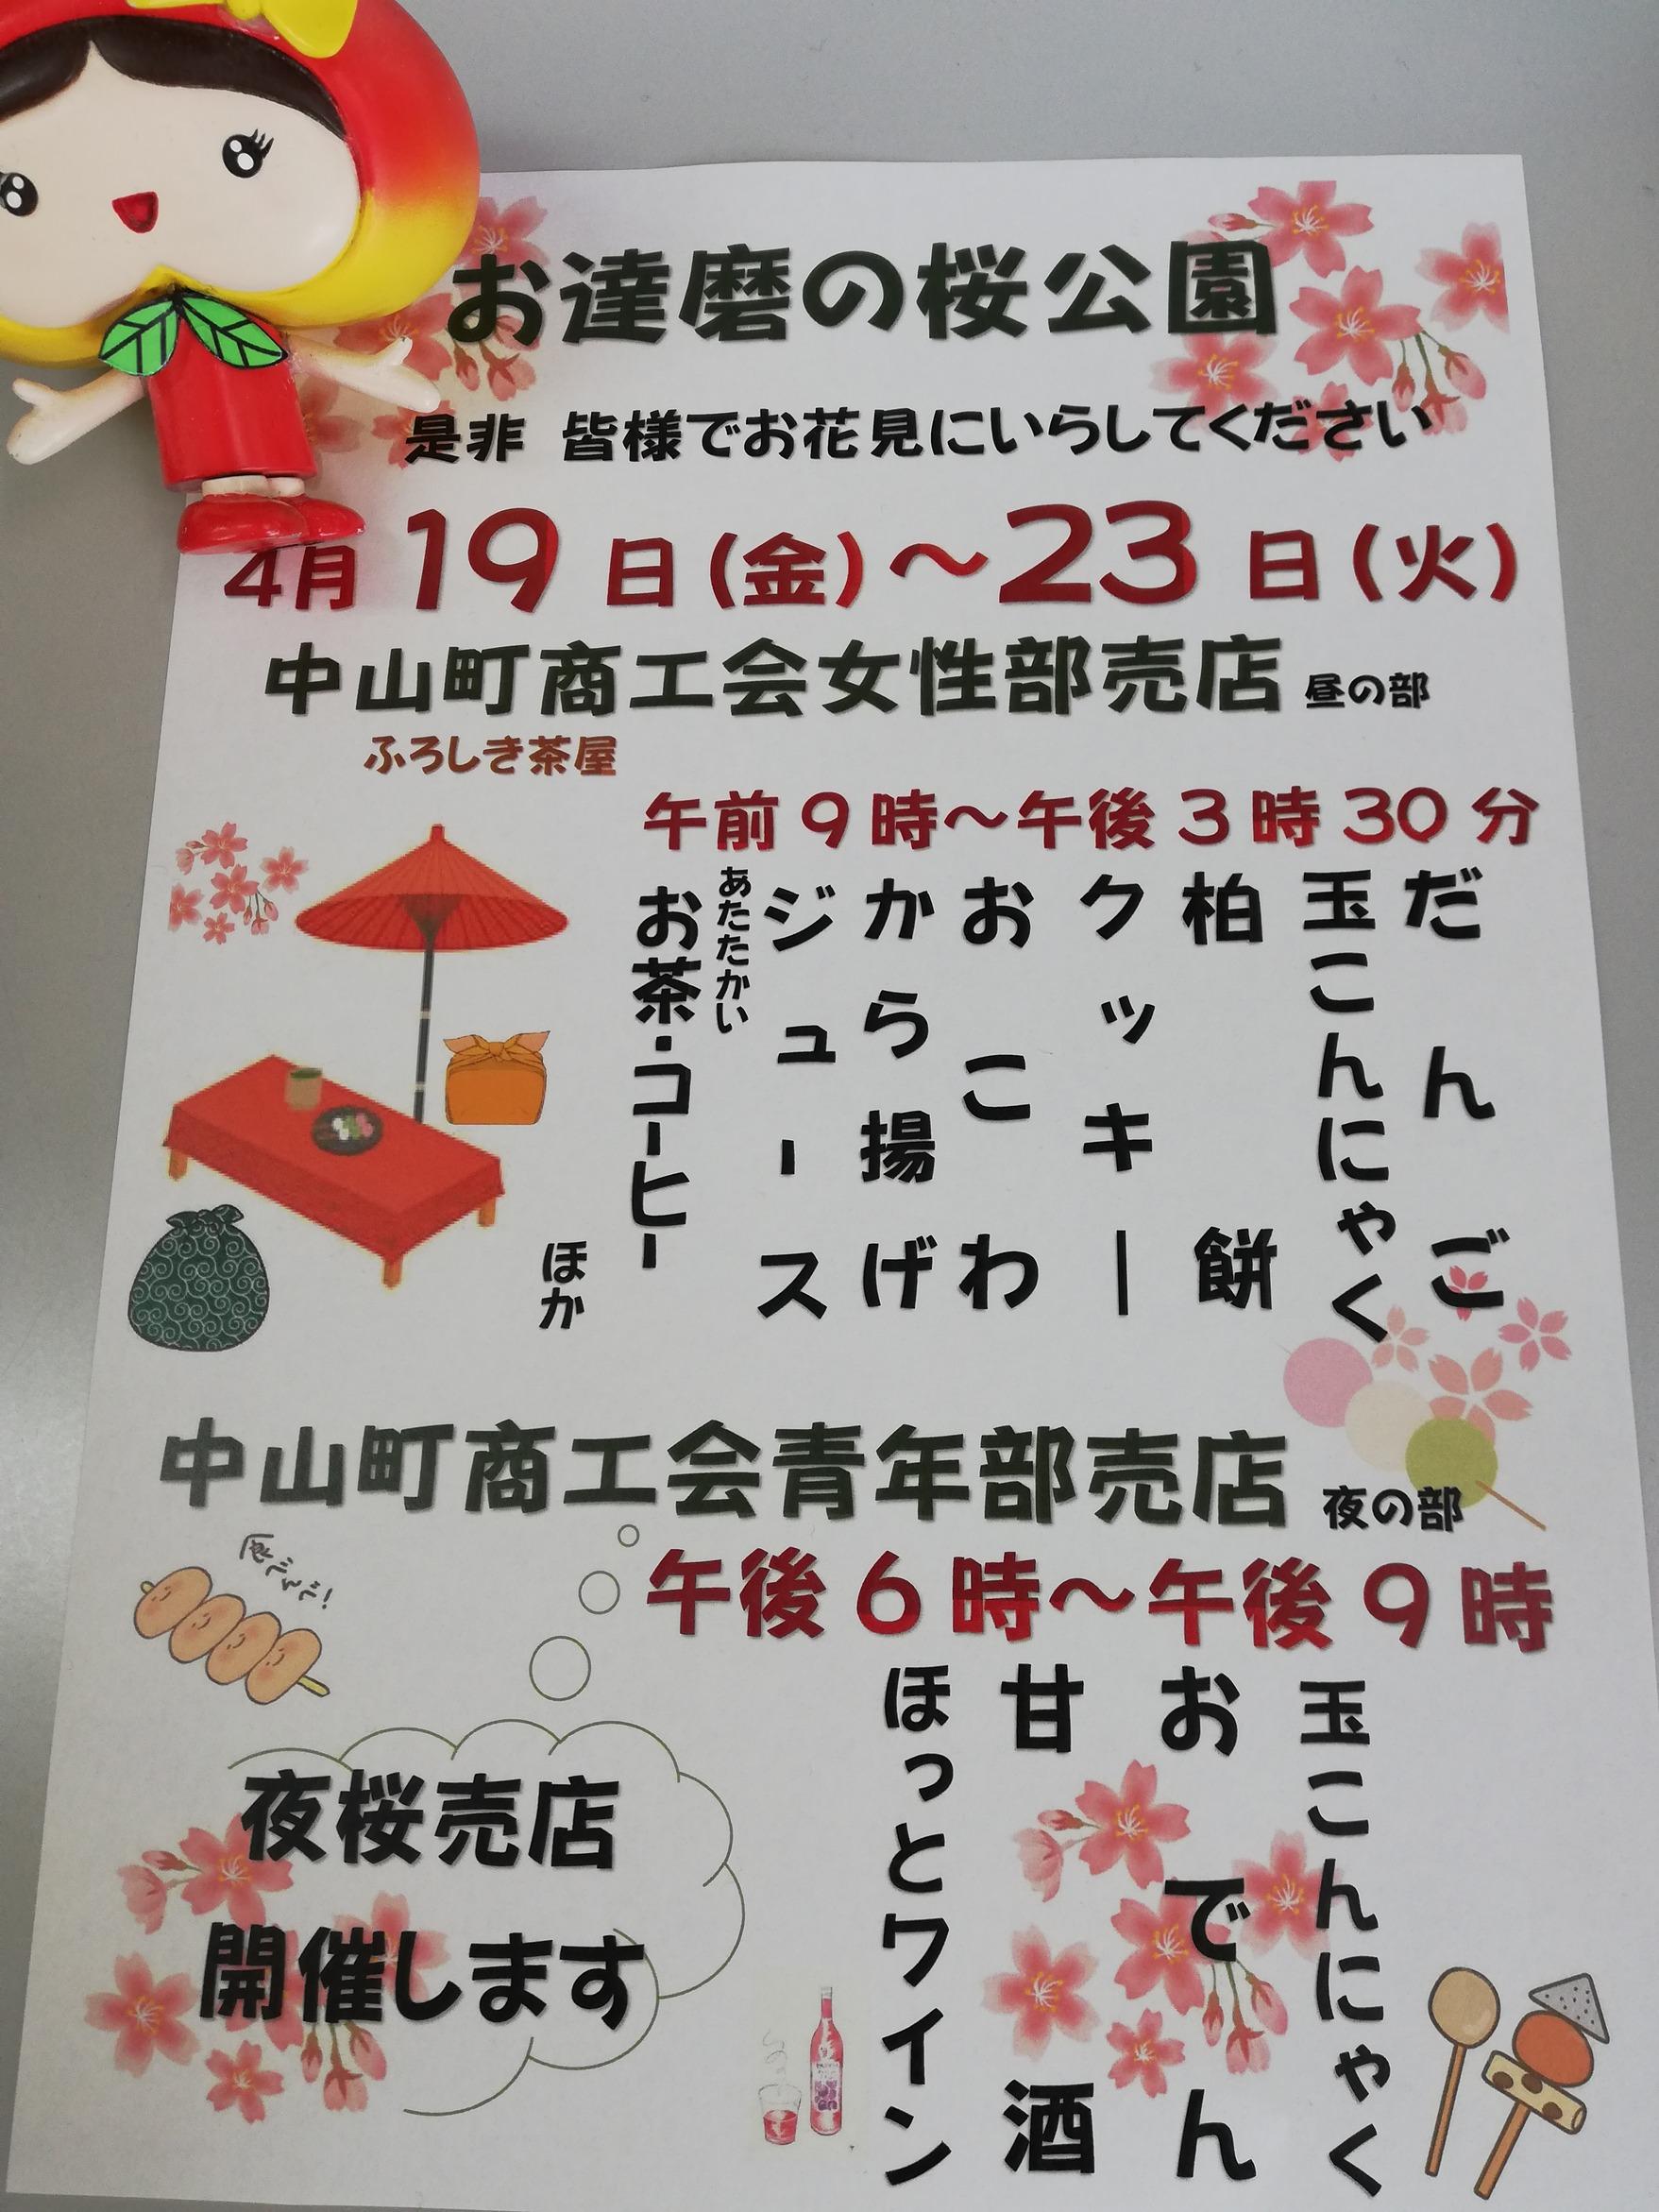 4/19〜23お達磨の桜売店開催について:画像